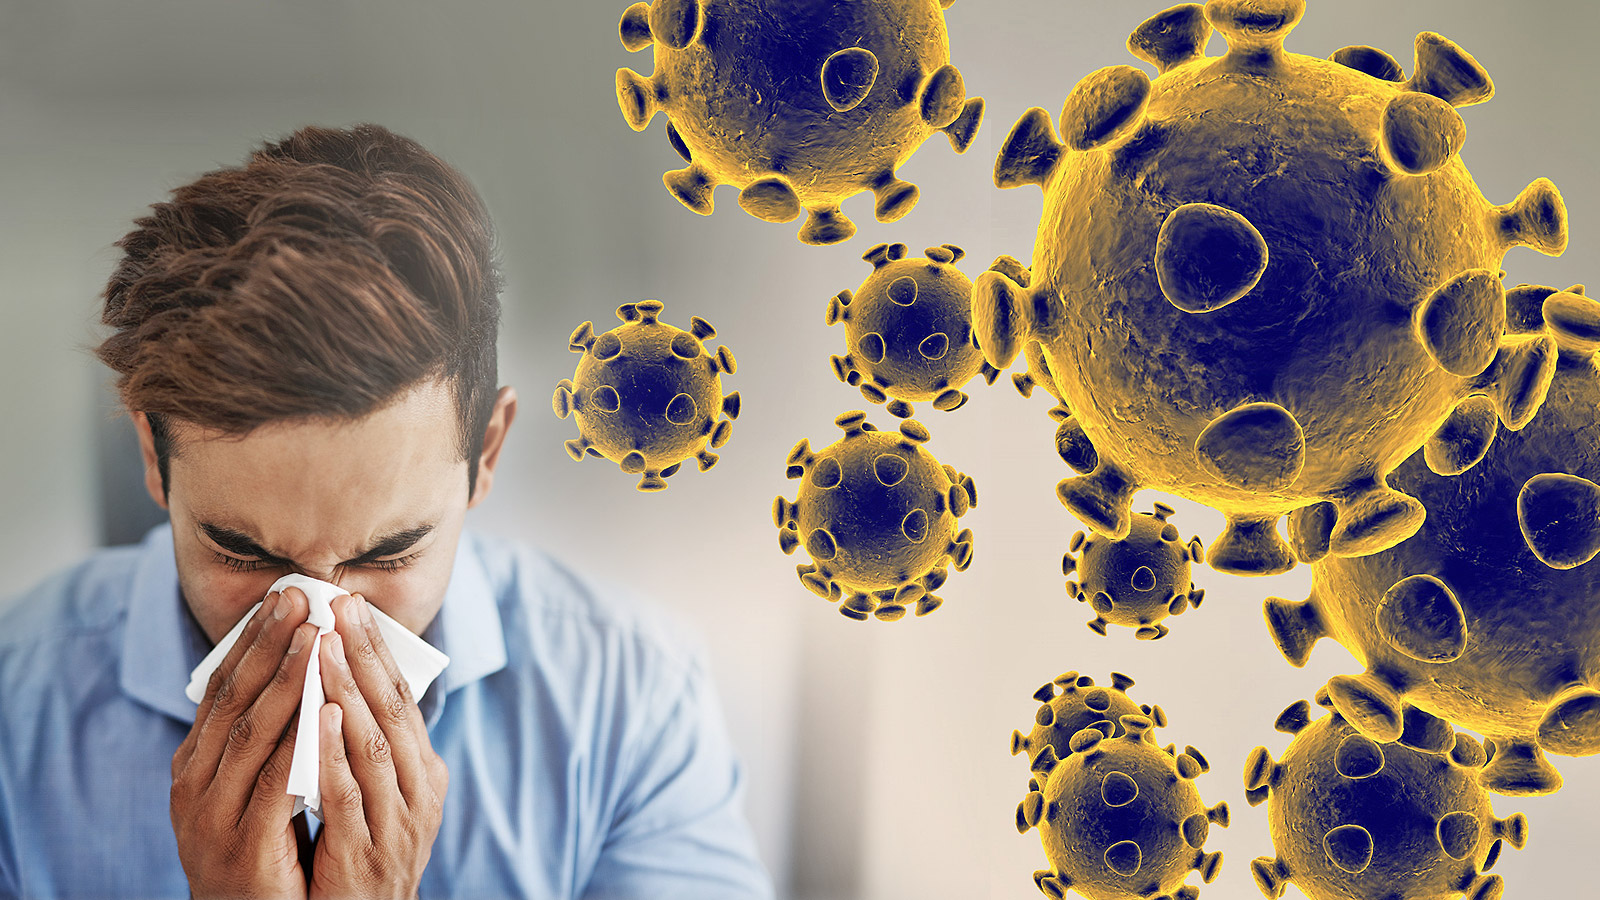 Prevention From Coronaviruses